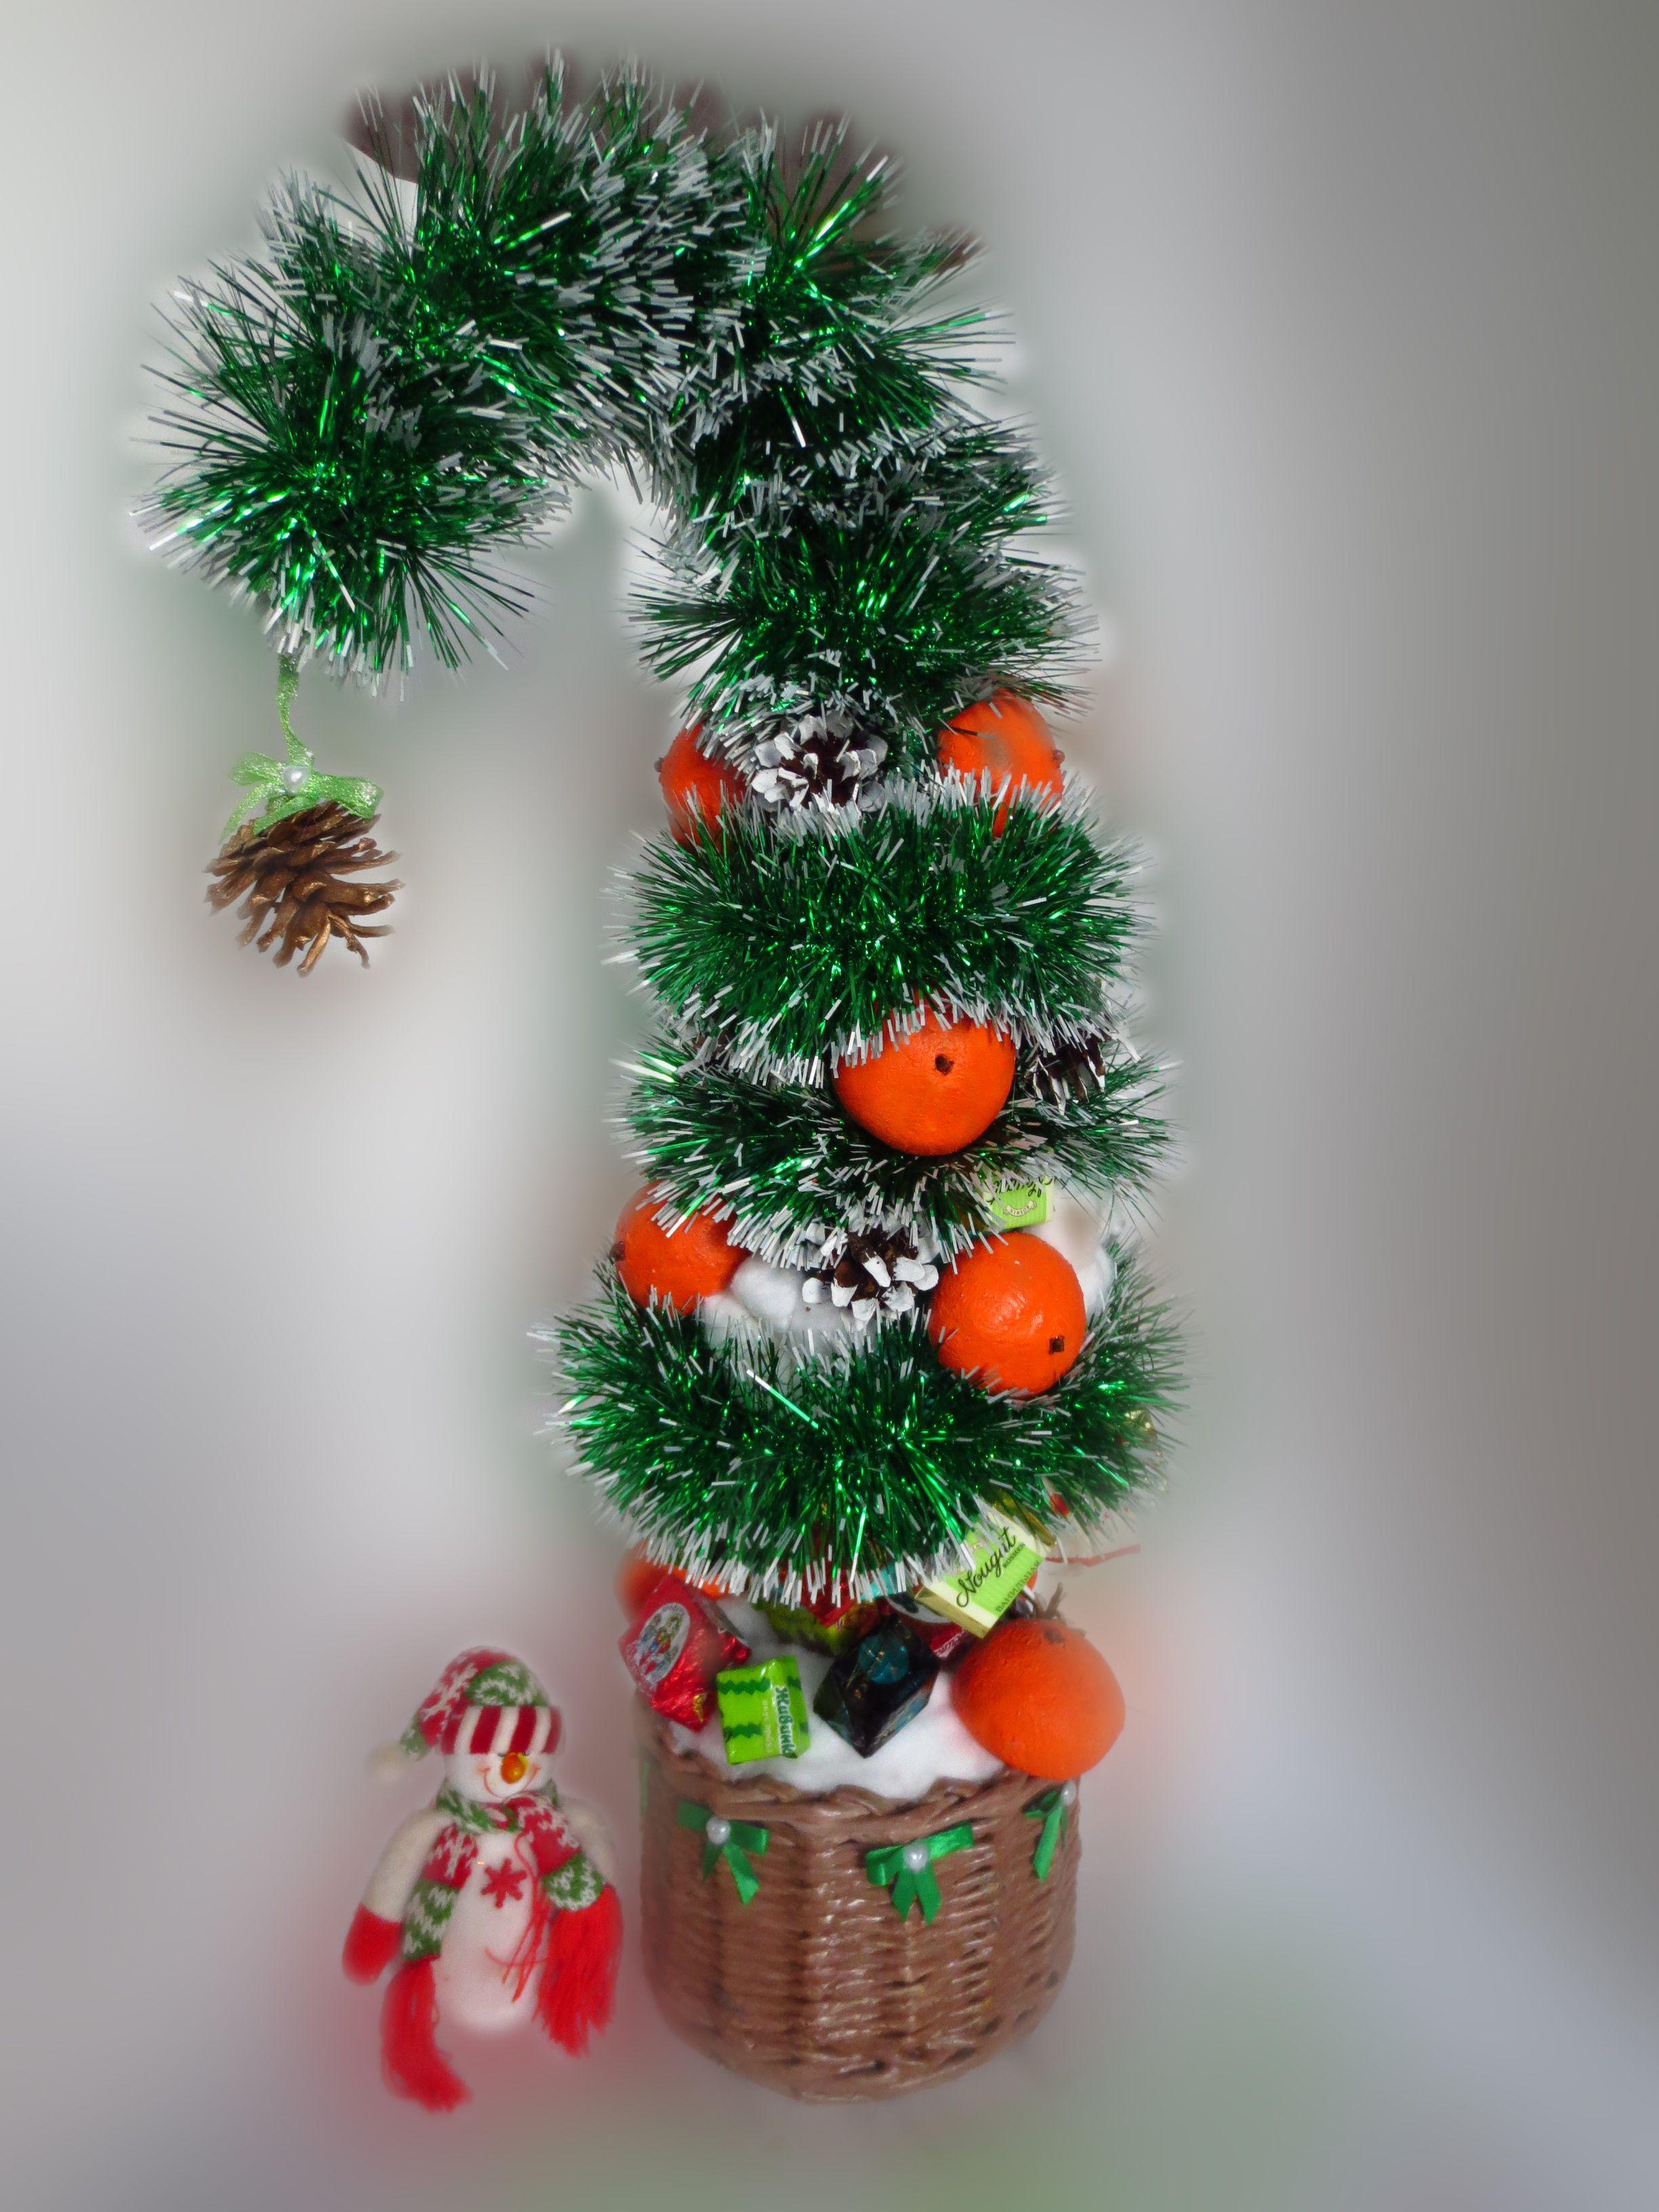 шишки декор мандарины новыйгод интерьер елка подарки